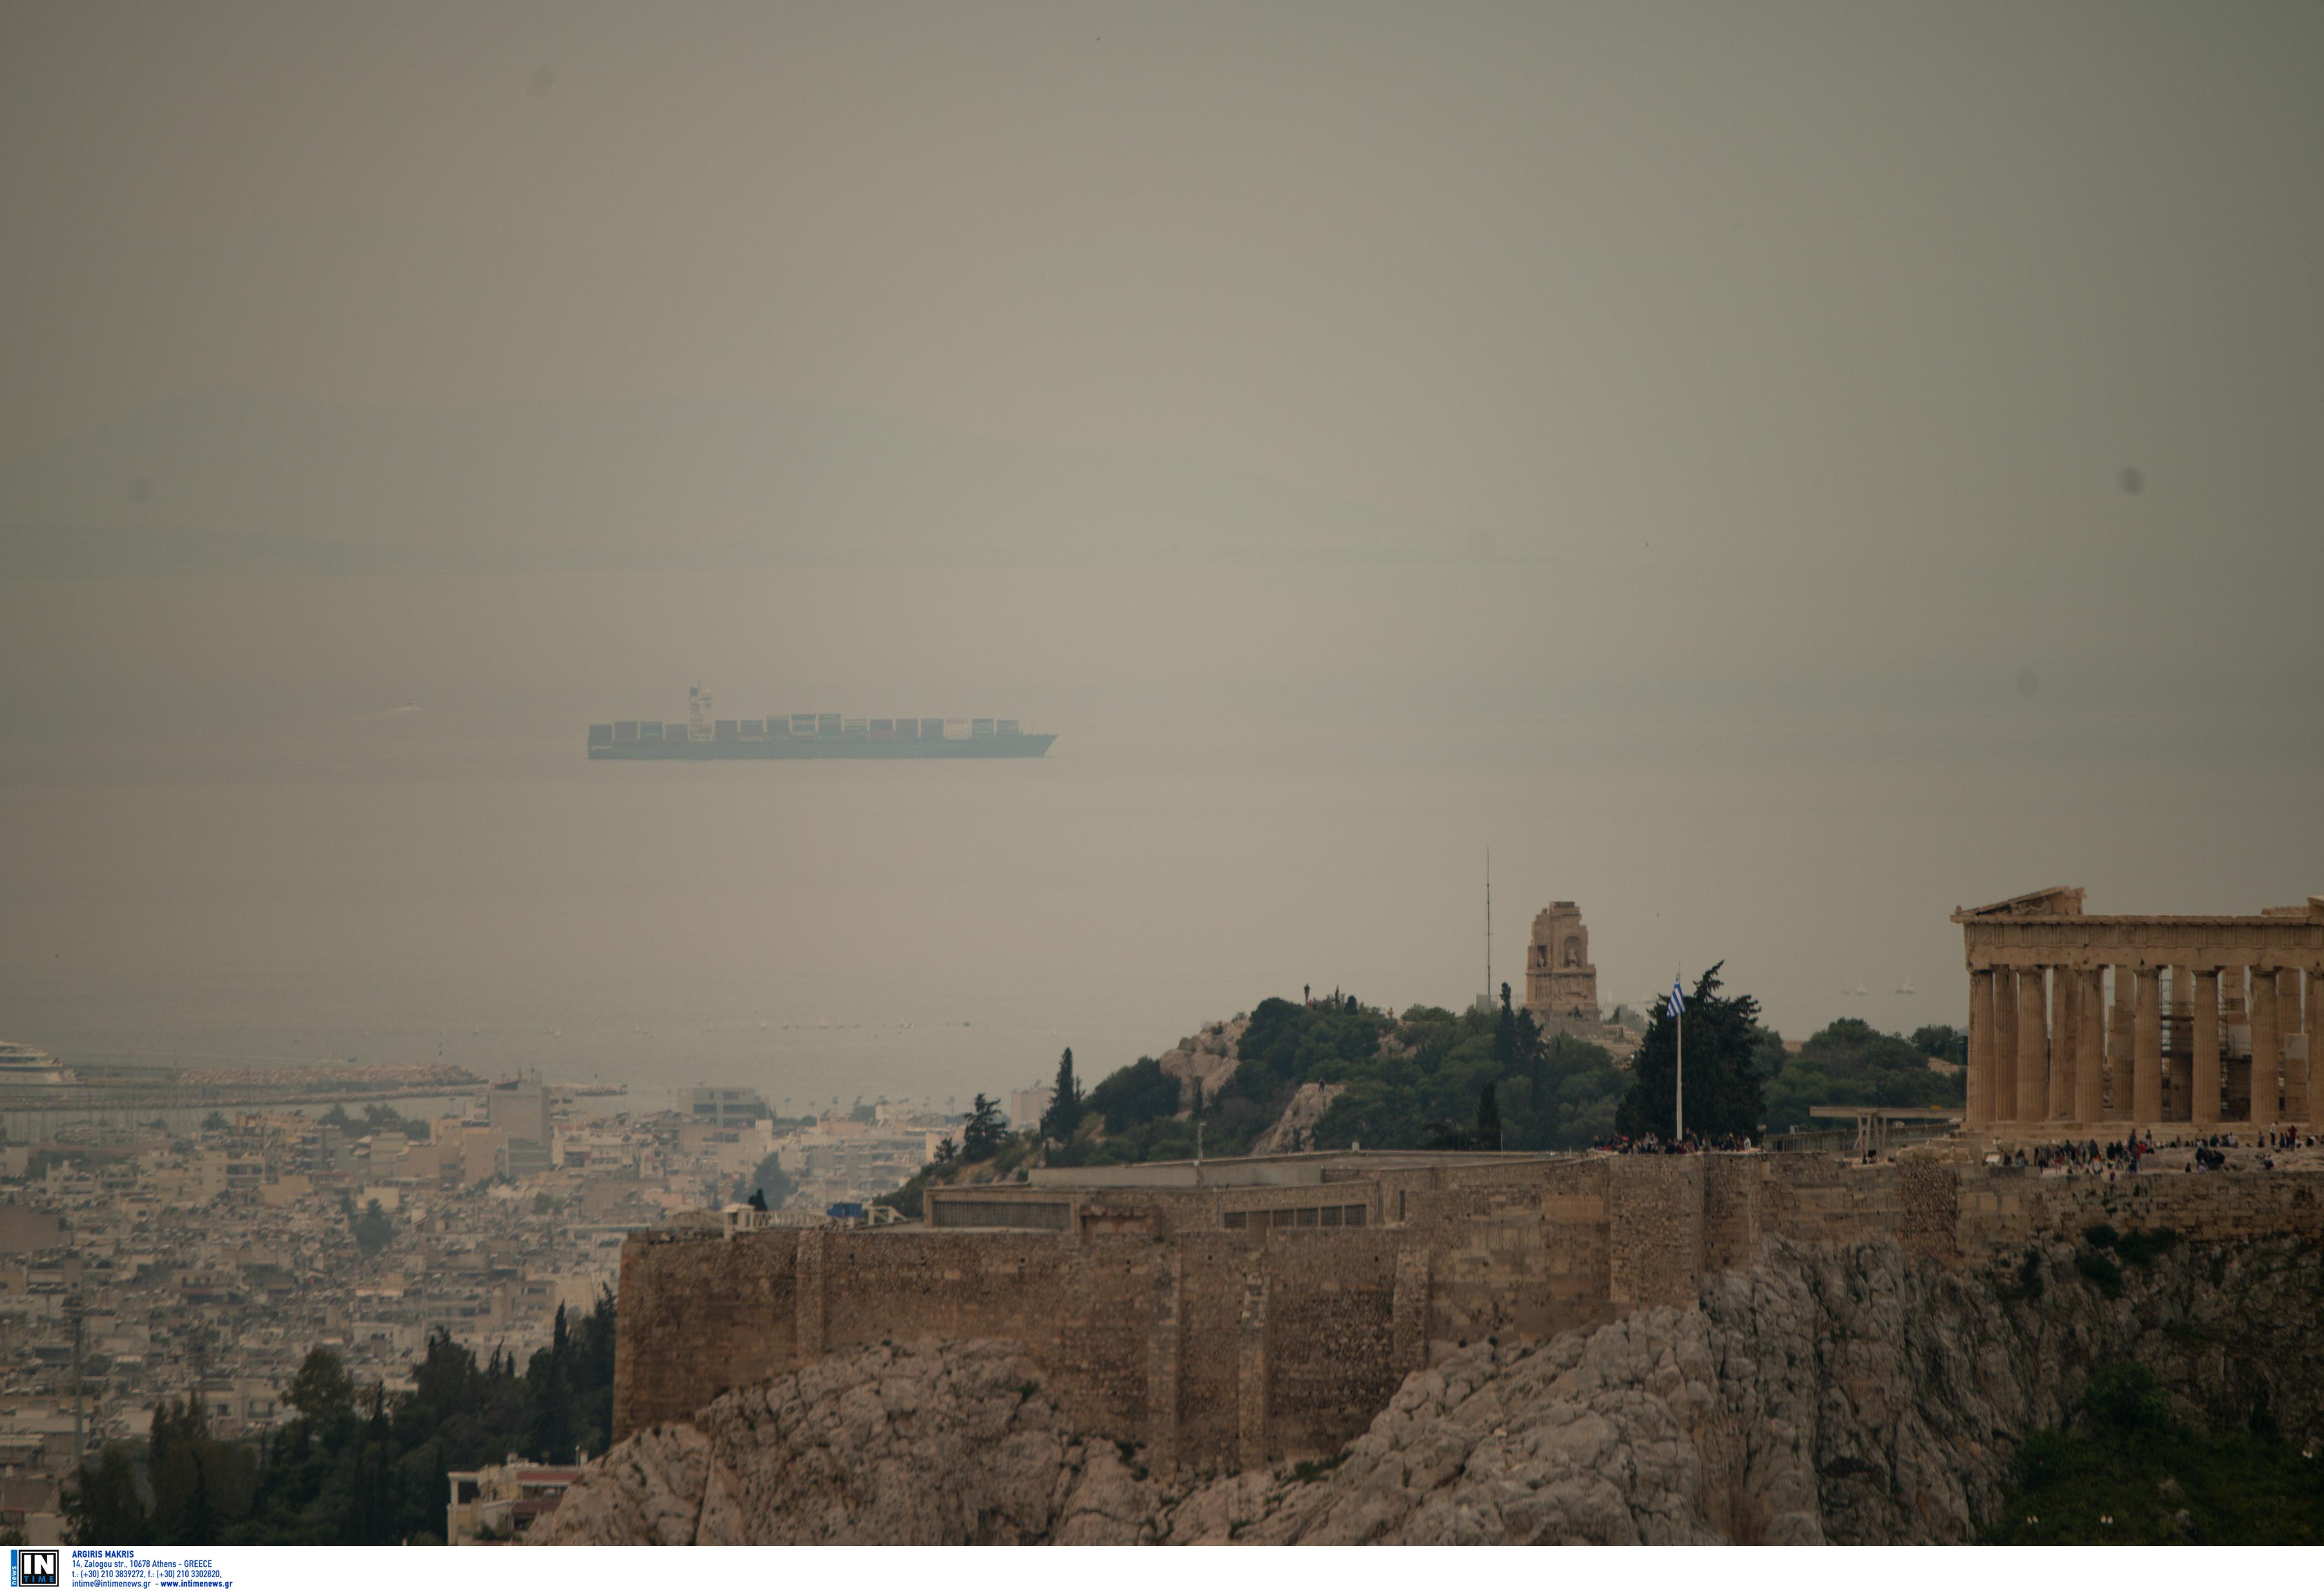 Καταιγίδες, λασποβροχή και έντονα φαινόμενα παντού εκτός από την Κρήτη! Ποιες περιοχές θα σαρώσει το μέτωπο της κακοκαιρίας